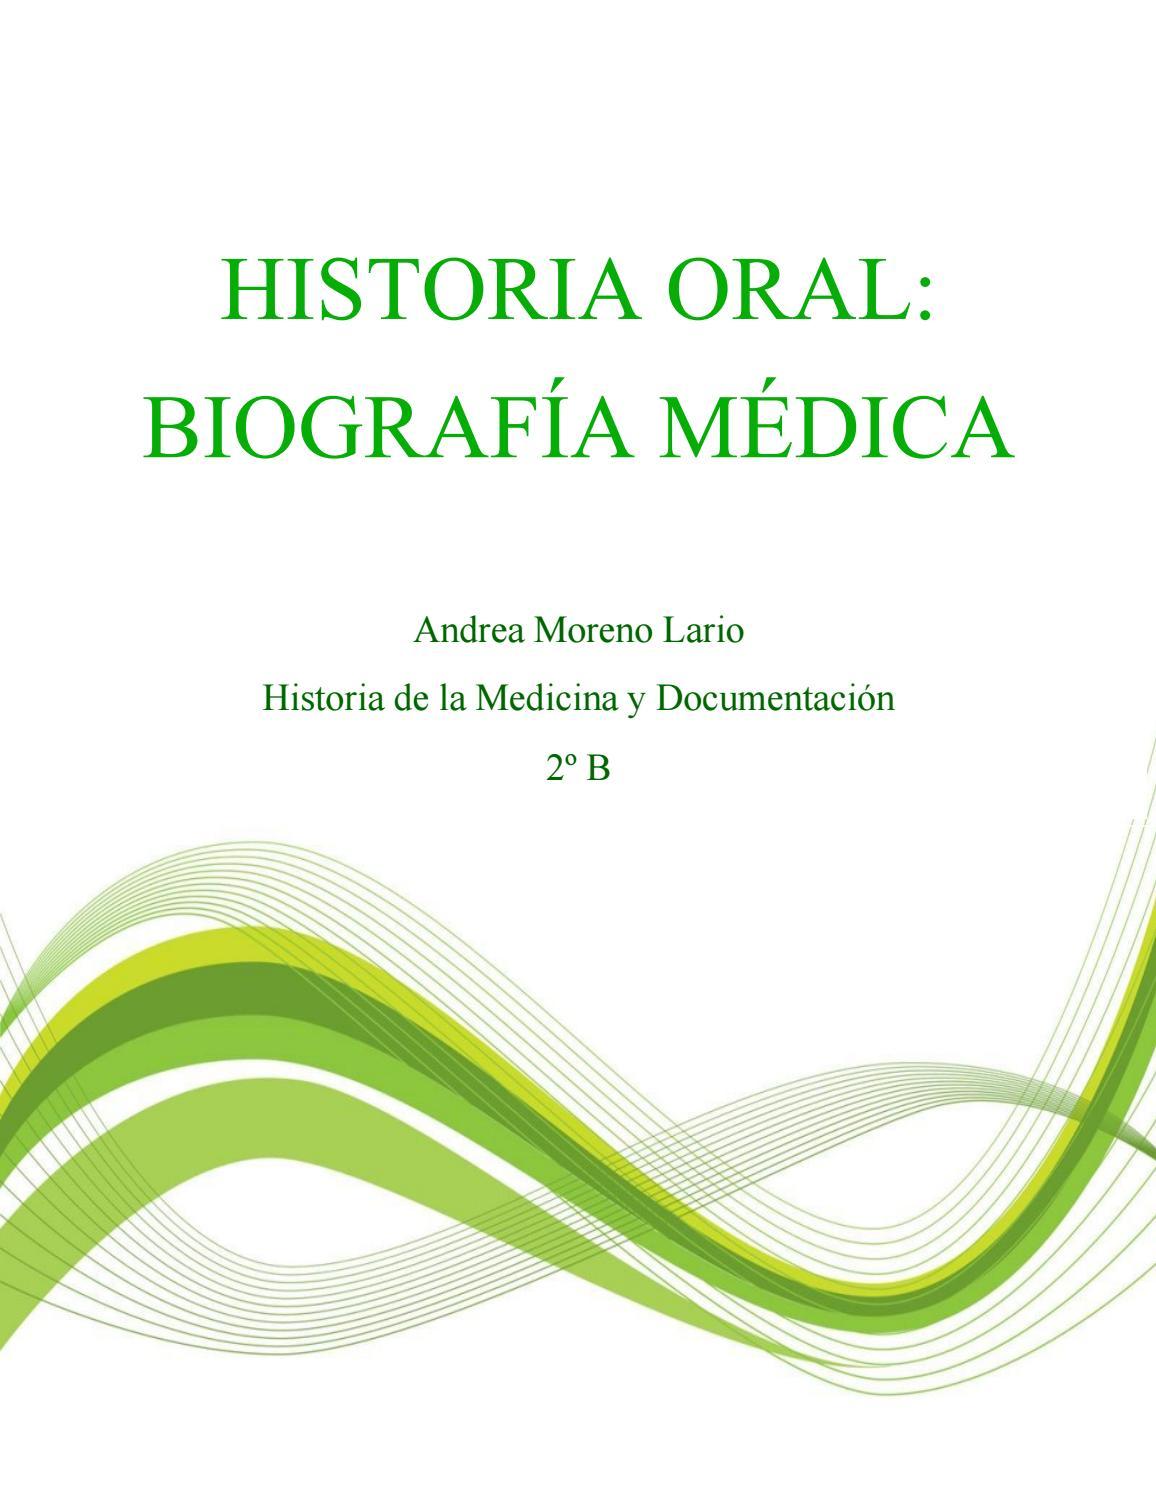 Biografía médica Andrea Moreno Lario by lariomoreno.andrea - issuu